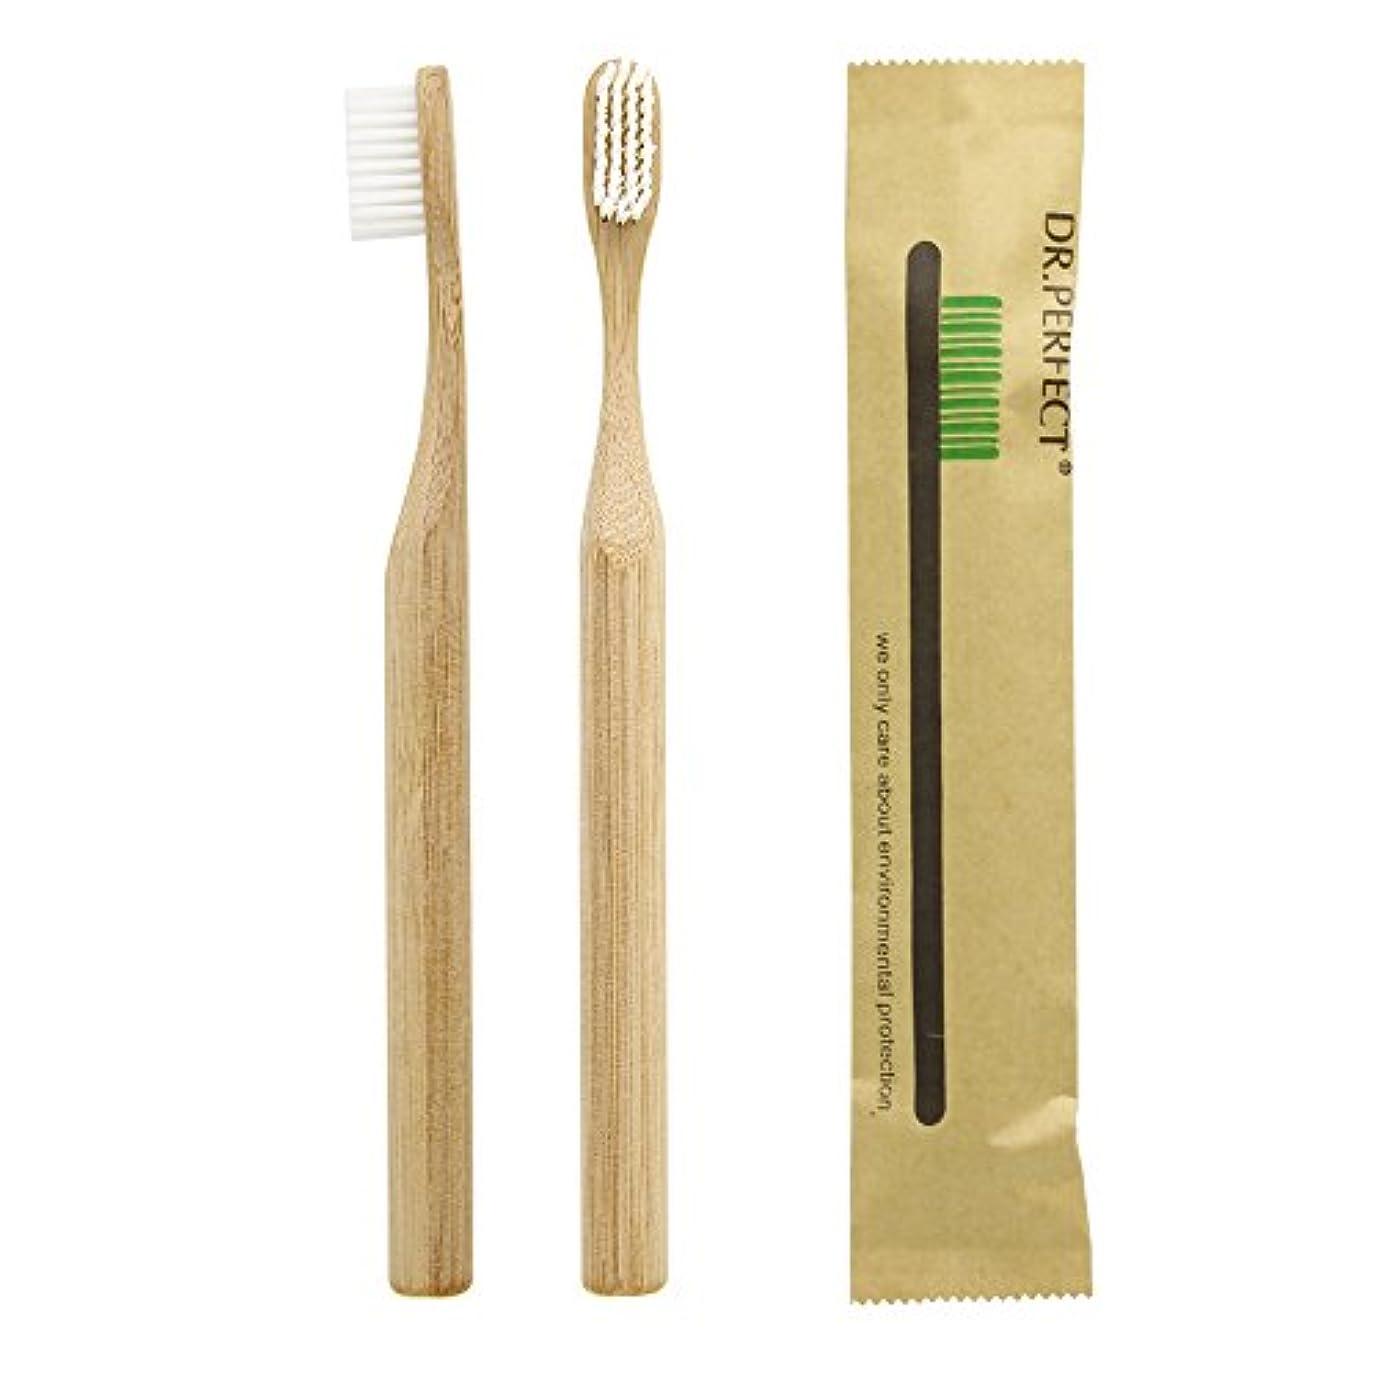 鑑定がんばり続ける共和党Dr.Perfect Bamboo Toothbrush アダルト竹の歯ブラシ ナイロン毛 環境にやさしい製品 (ホワイト)